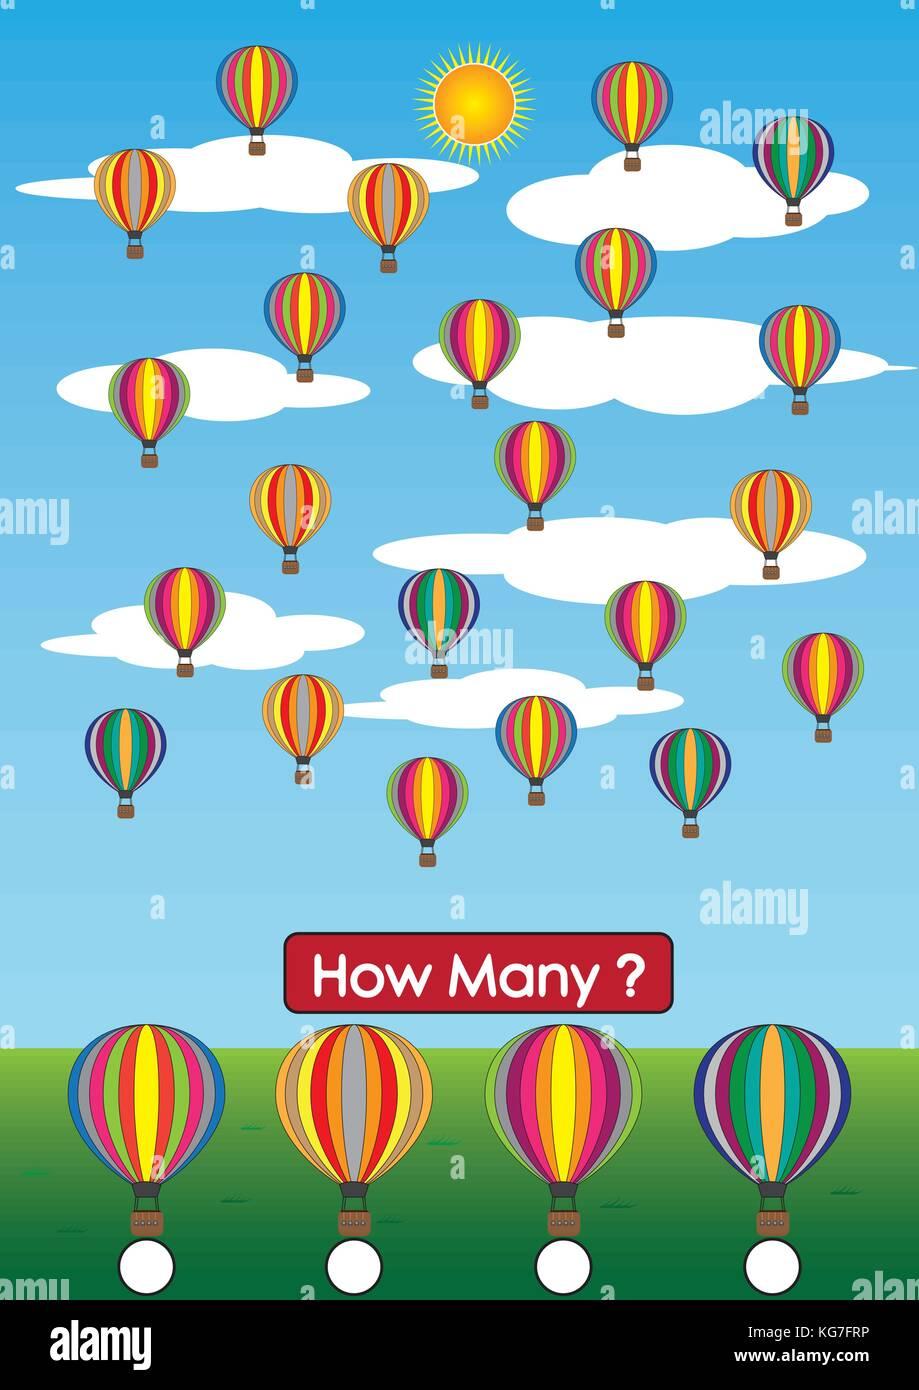 Kindergarten Mathematik Arbeitsblätter, wie viele Ballon gibt es ...